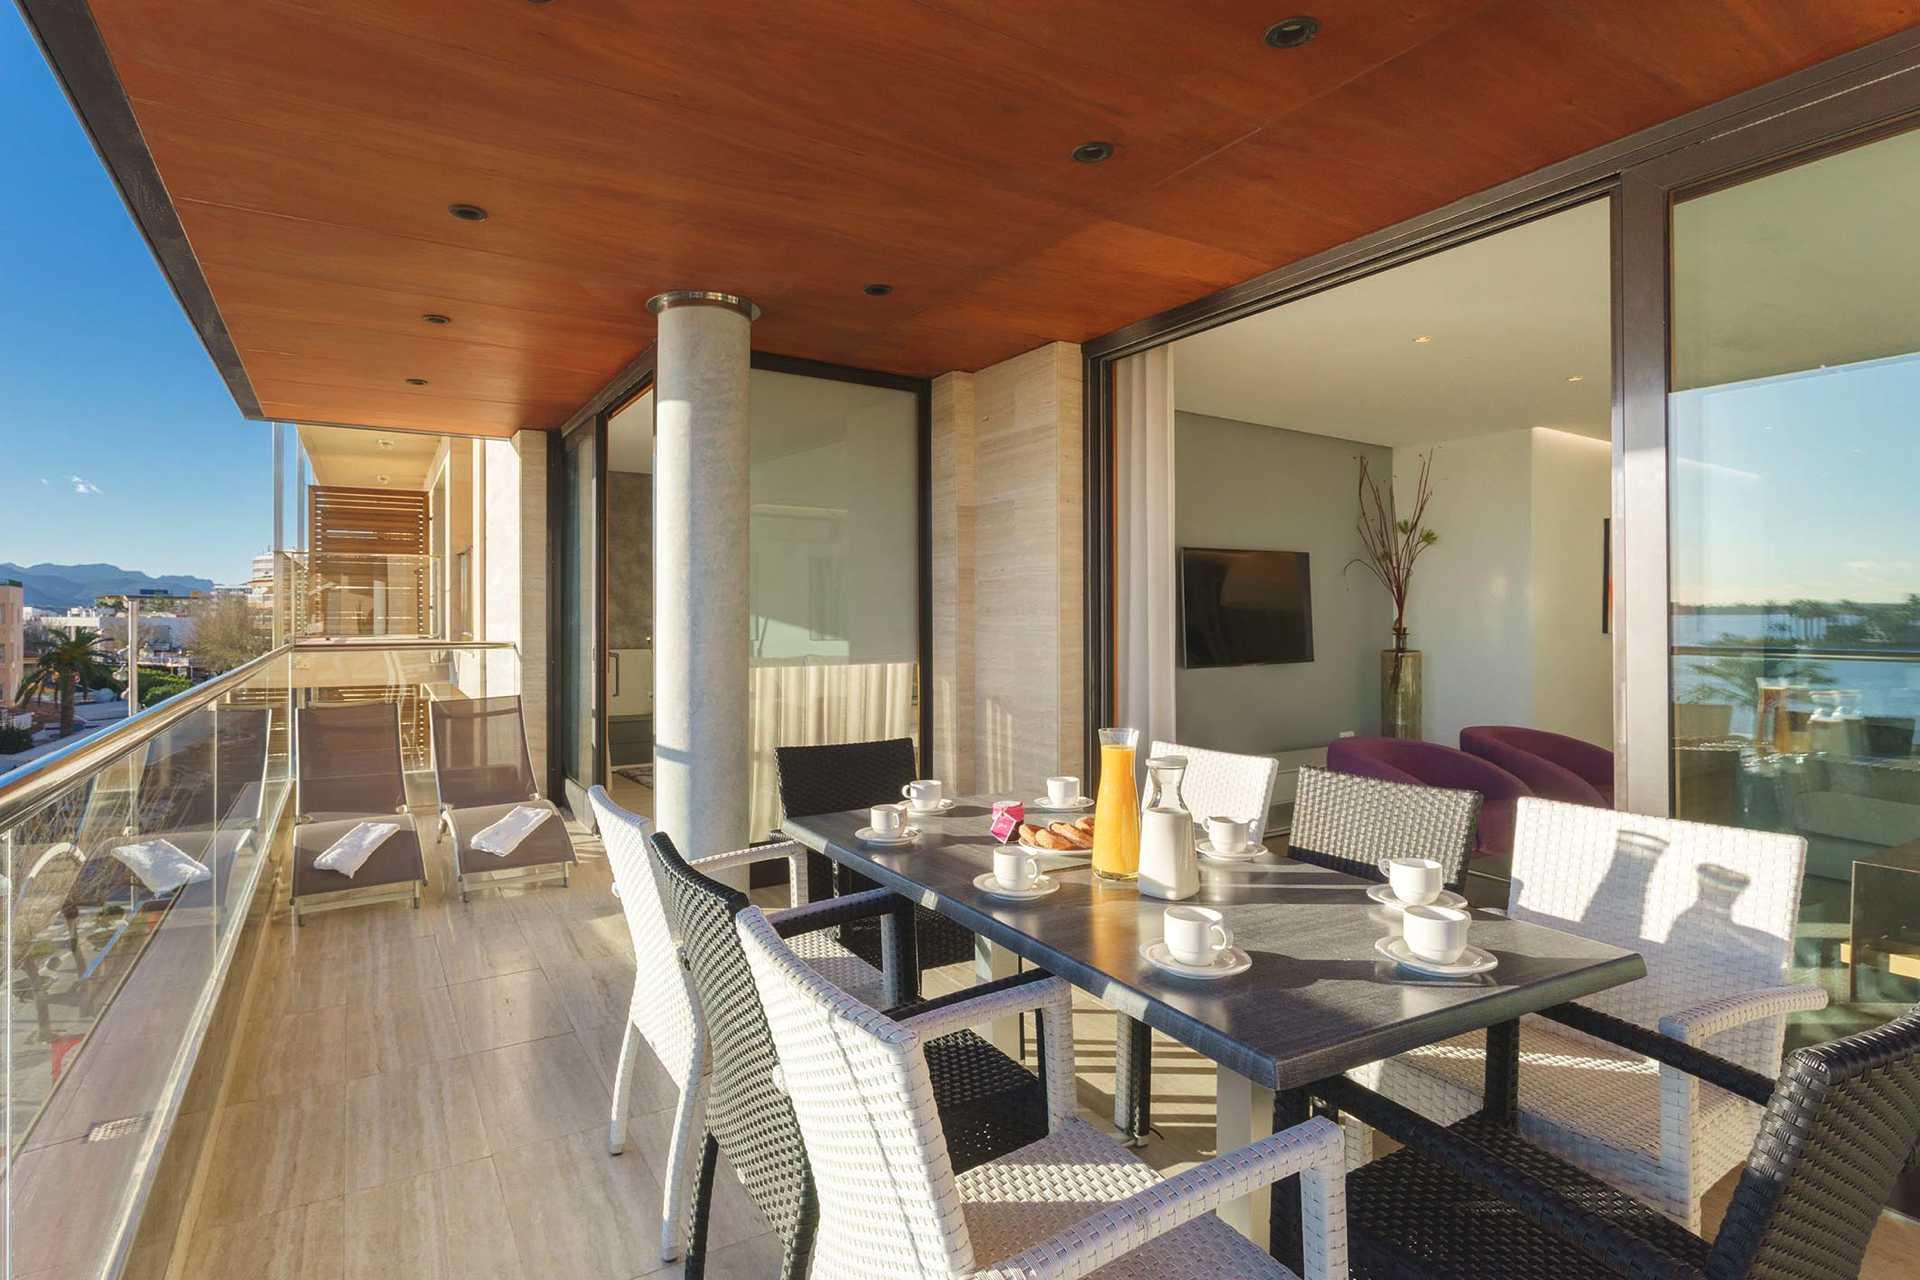 01-291 exclusive apartment Mallorca north Bild 4